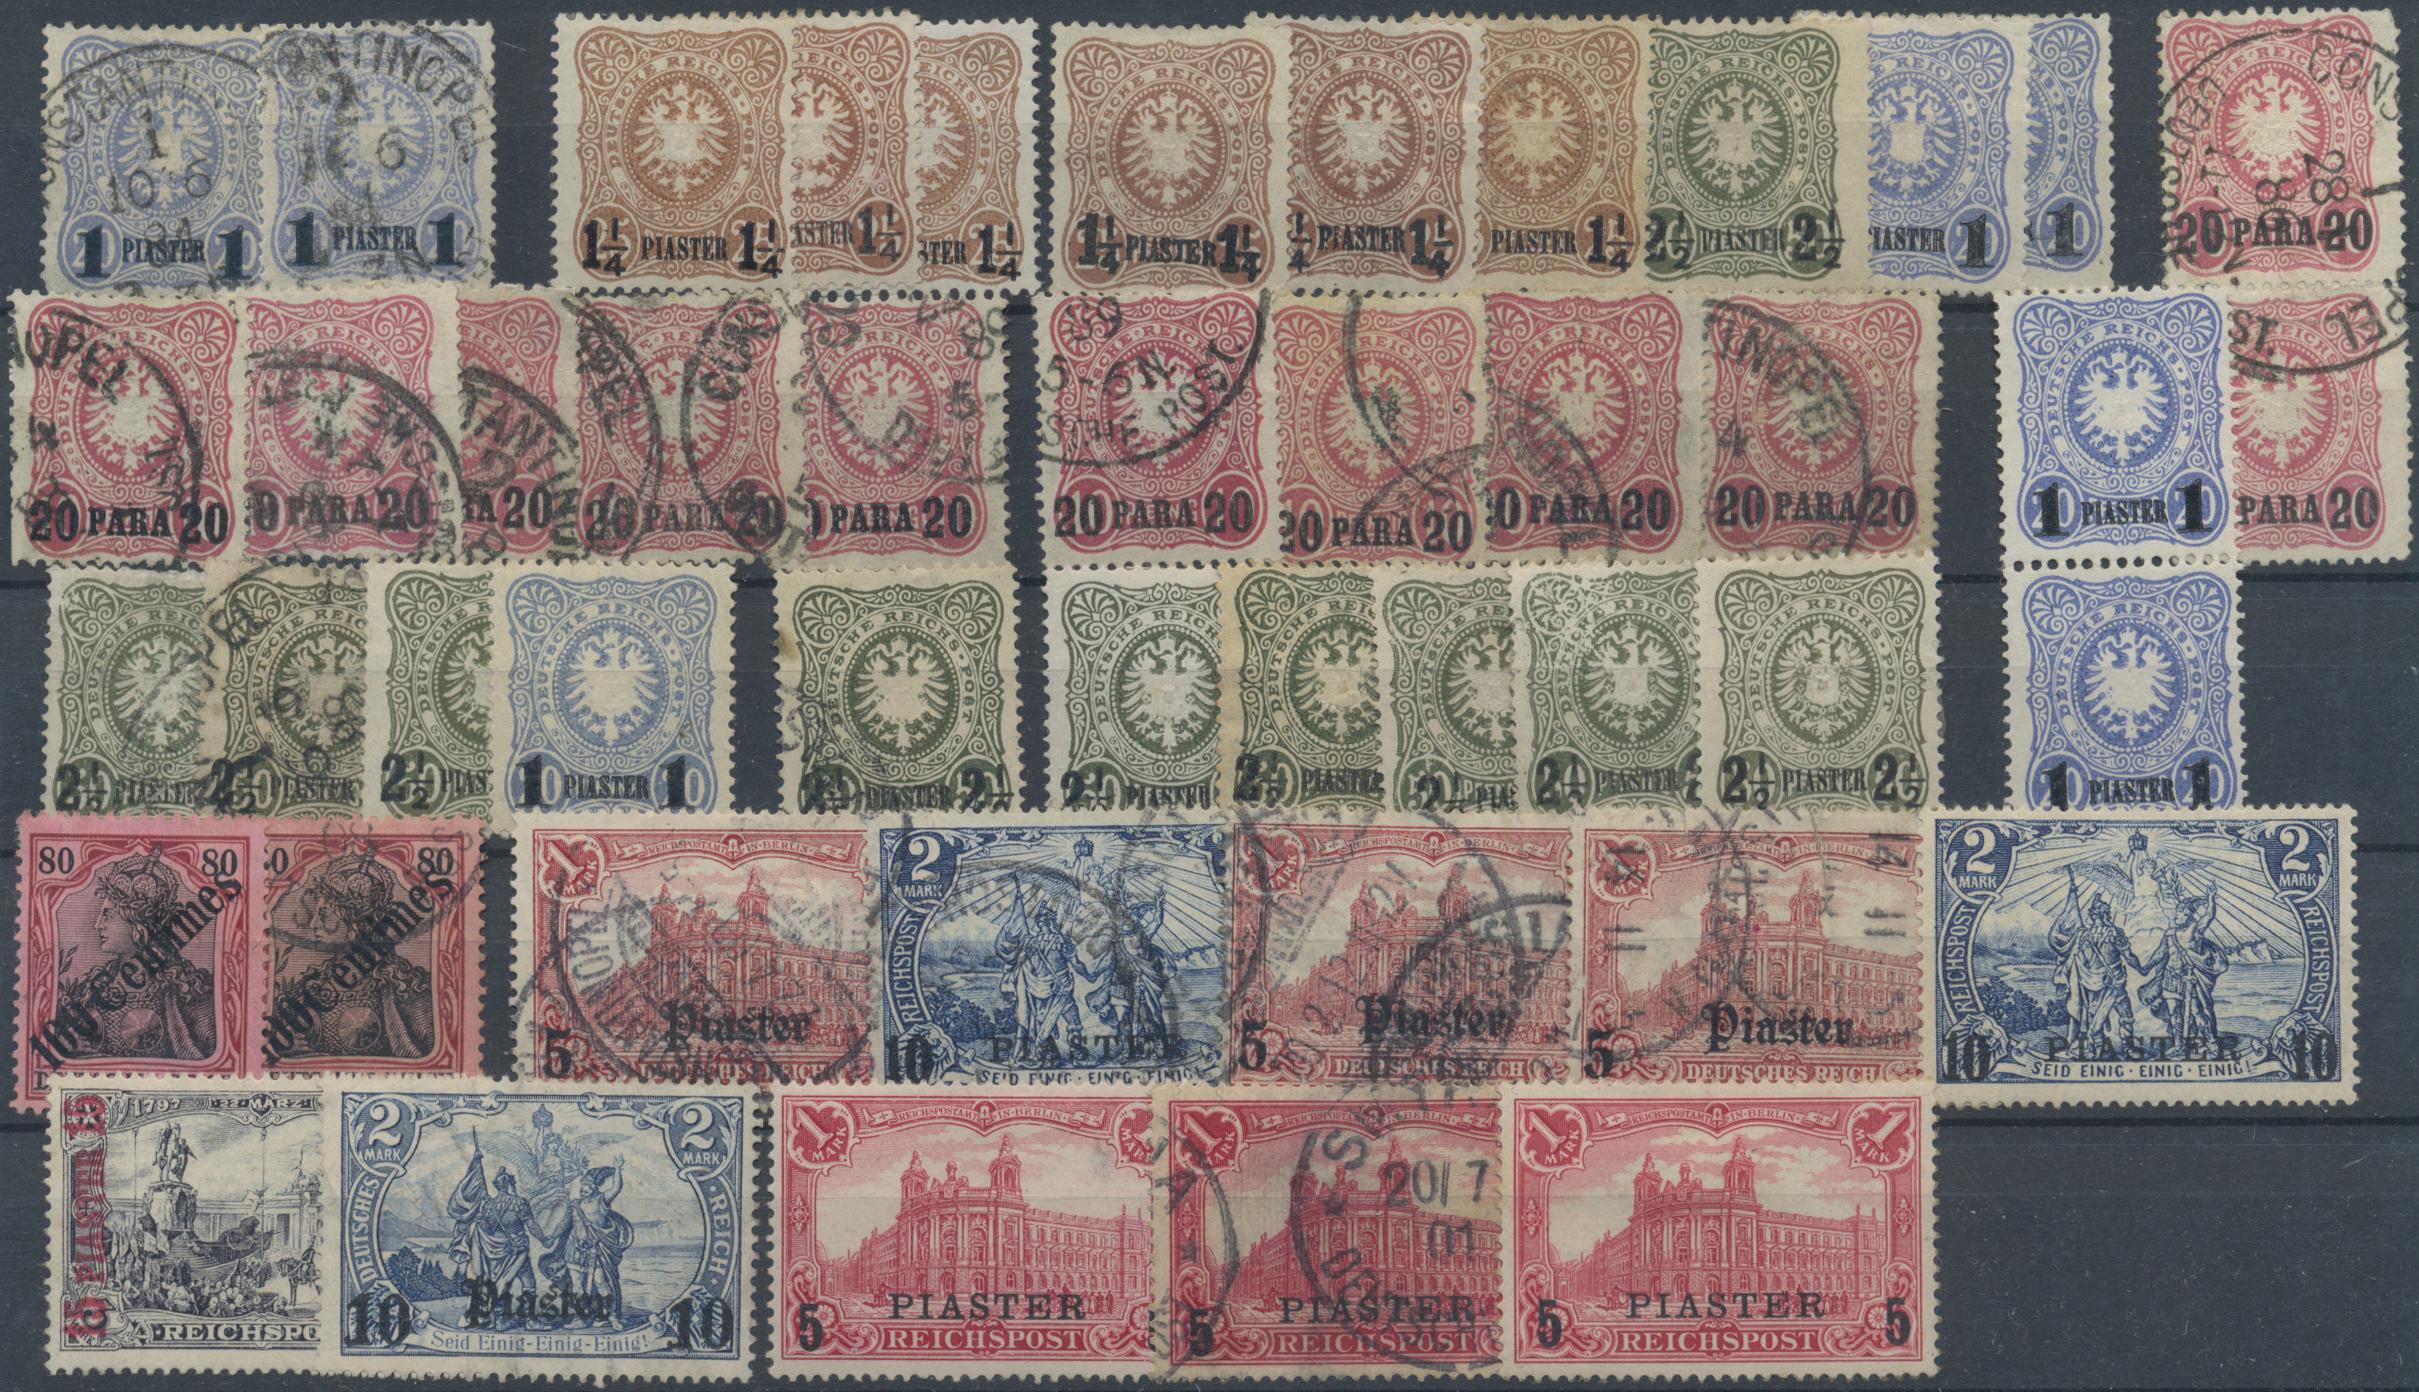 Lot 36903 - Deutsche Auslandspostämter + Kolonien  -  Auktionshaus Christoph Gärtner GmbH & Co. KG Sale #44 Collections Germany